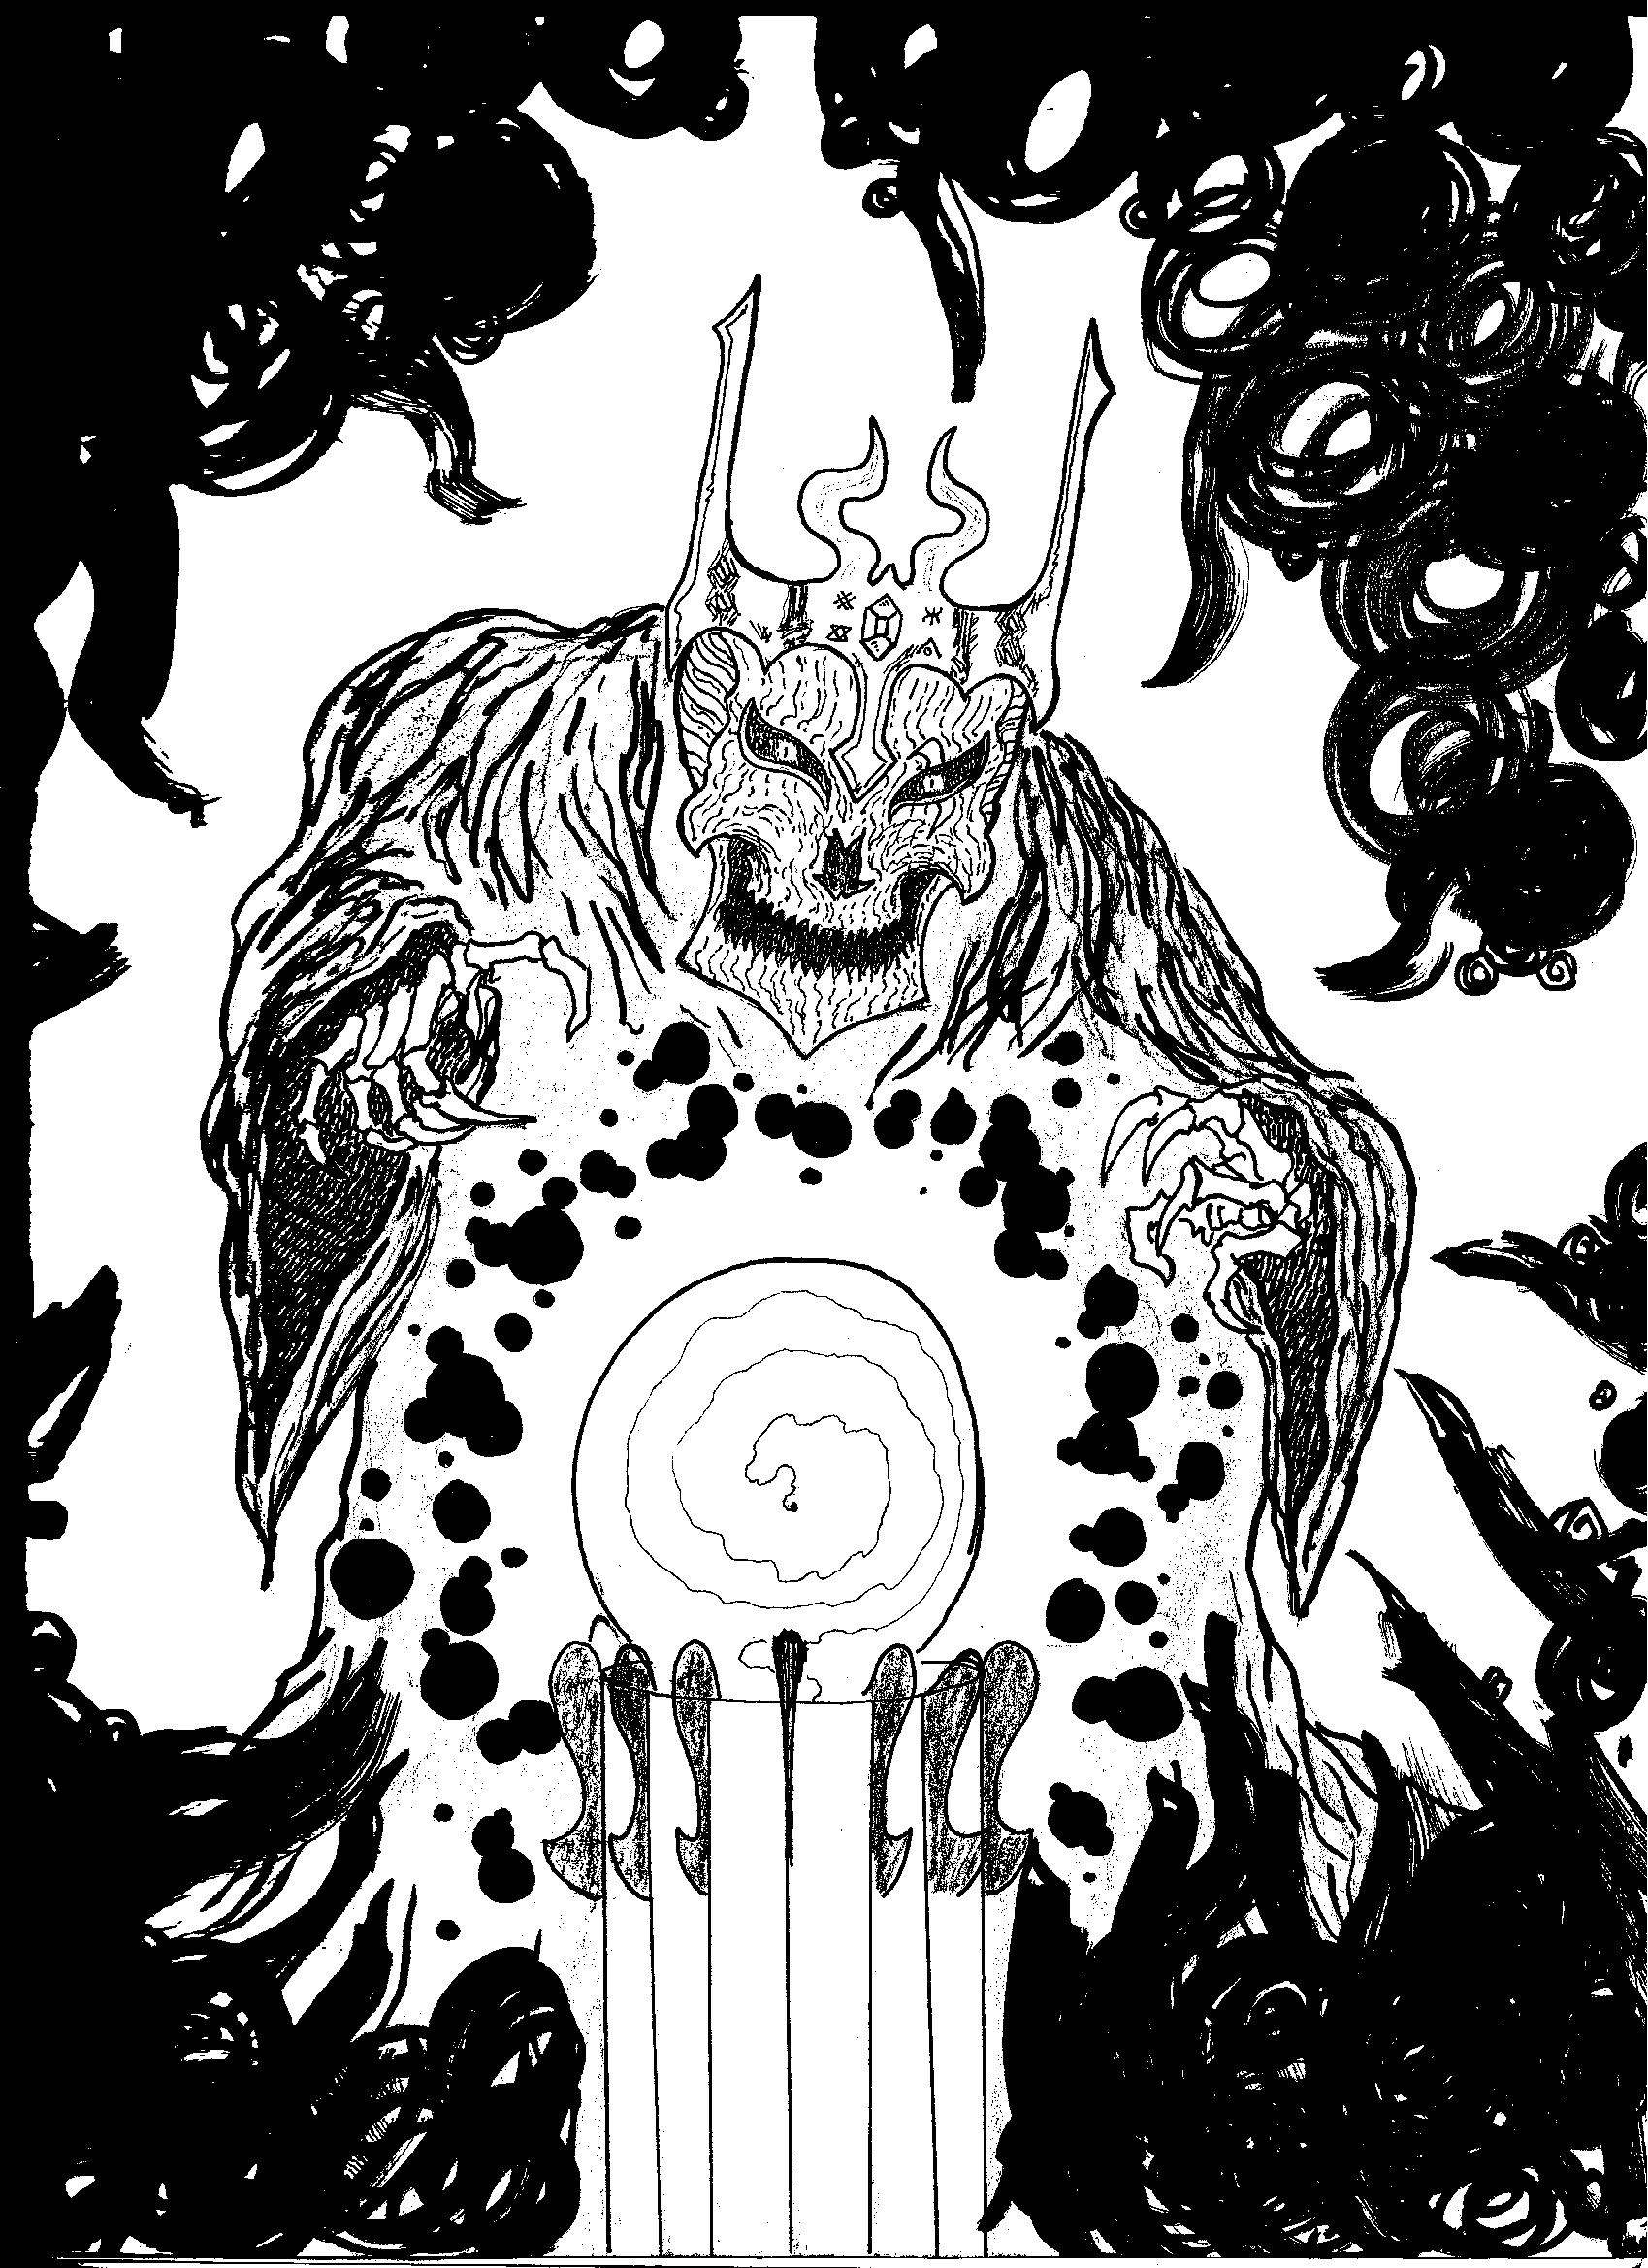 Lich Wizard